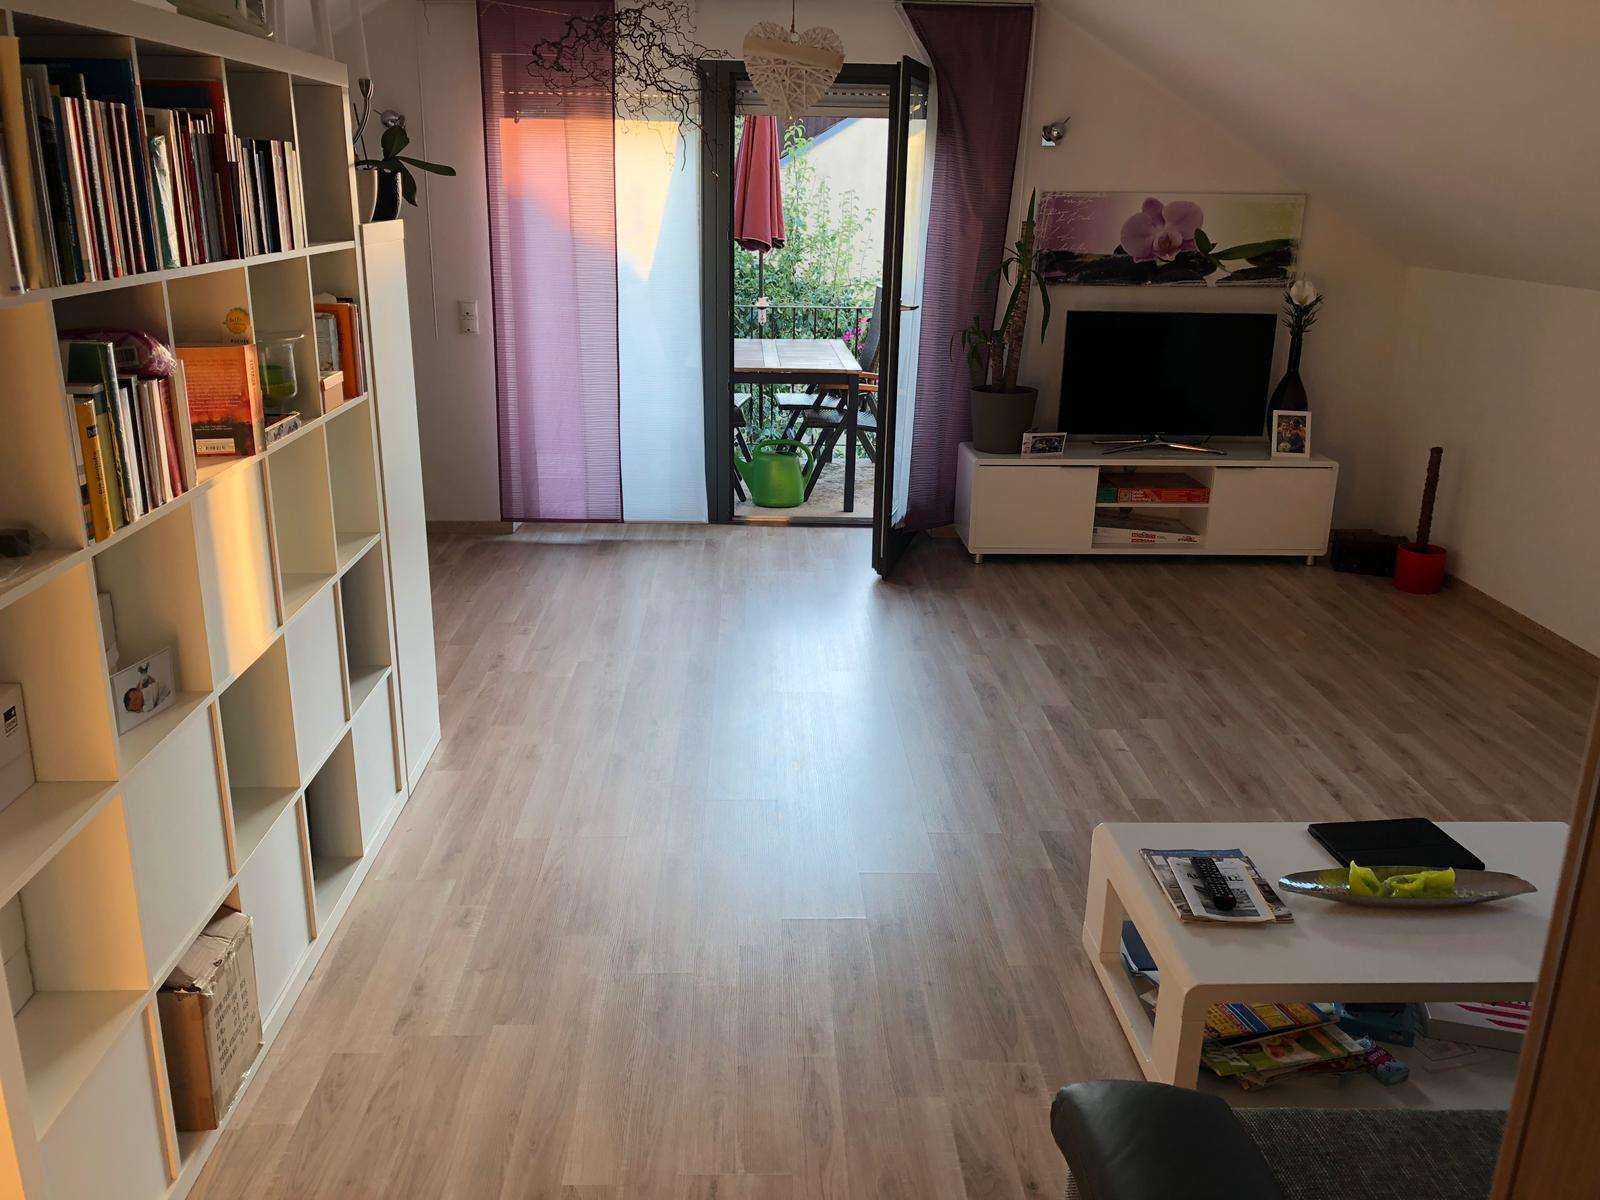 Gepflegte 2-Zimmer-Dachgeschosswohnung mit Balkon und Einbauküche in Buttenwiesen OT Lauterbach in Buttenwiesen